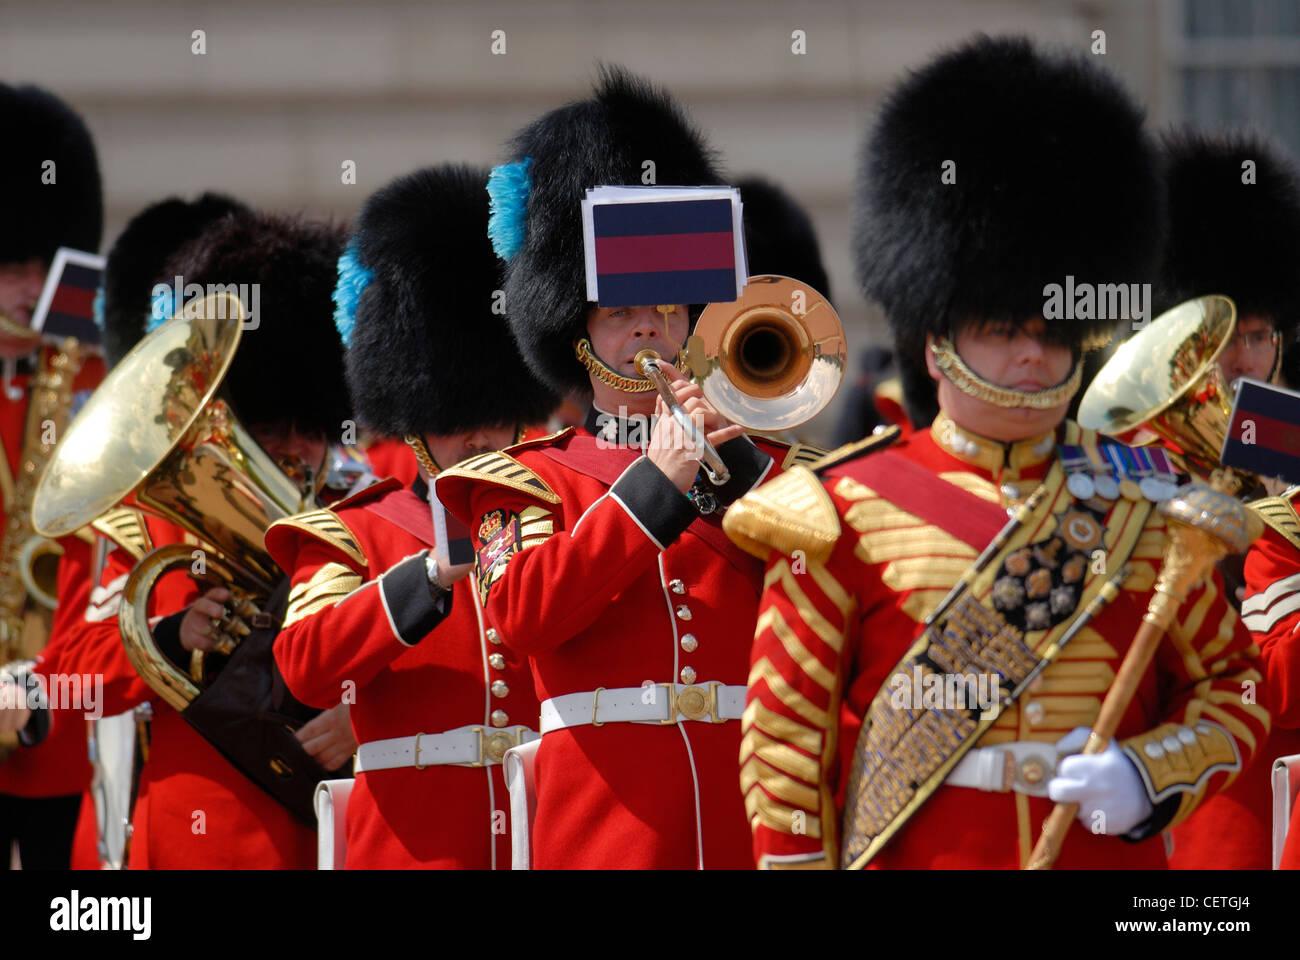 Cerimonia del Cambio della Guardia a Buckingham Palace. Immagini Stock